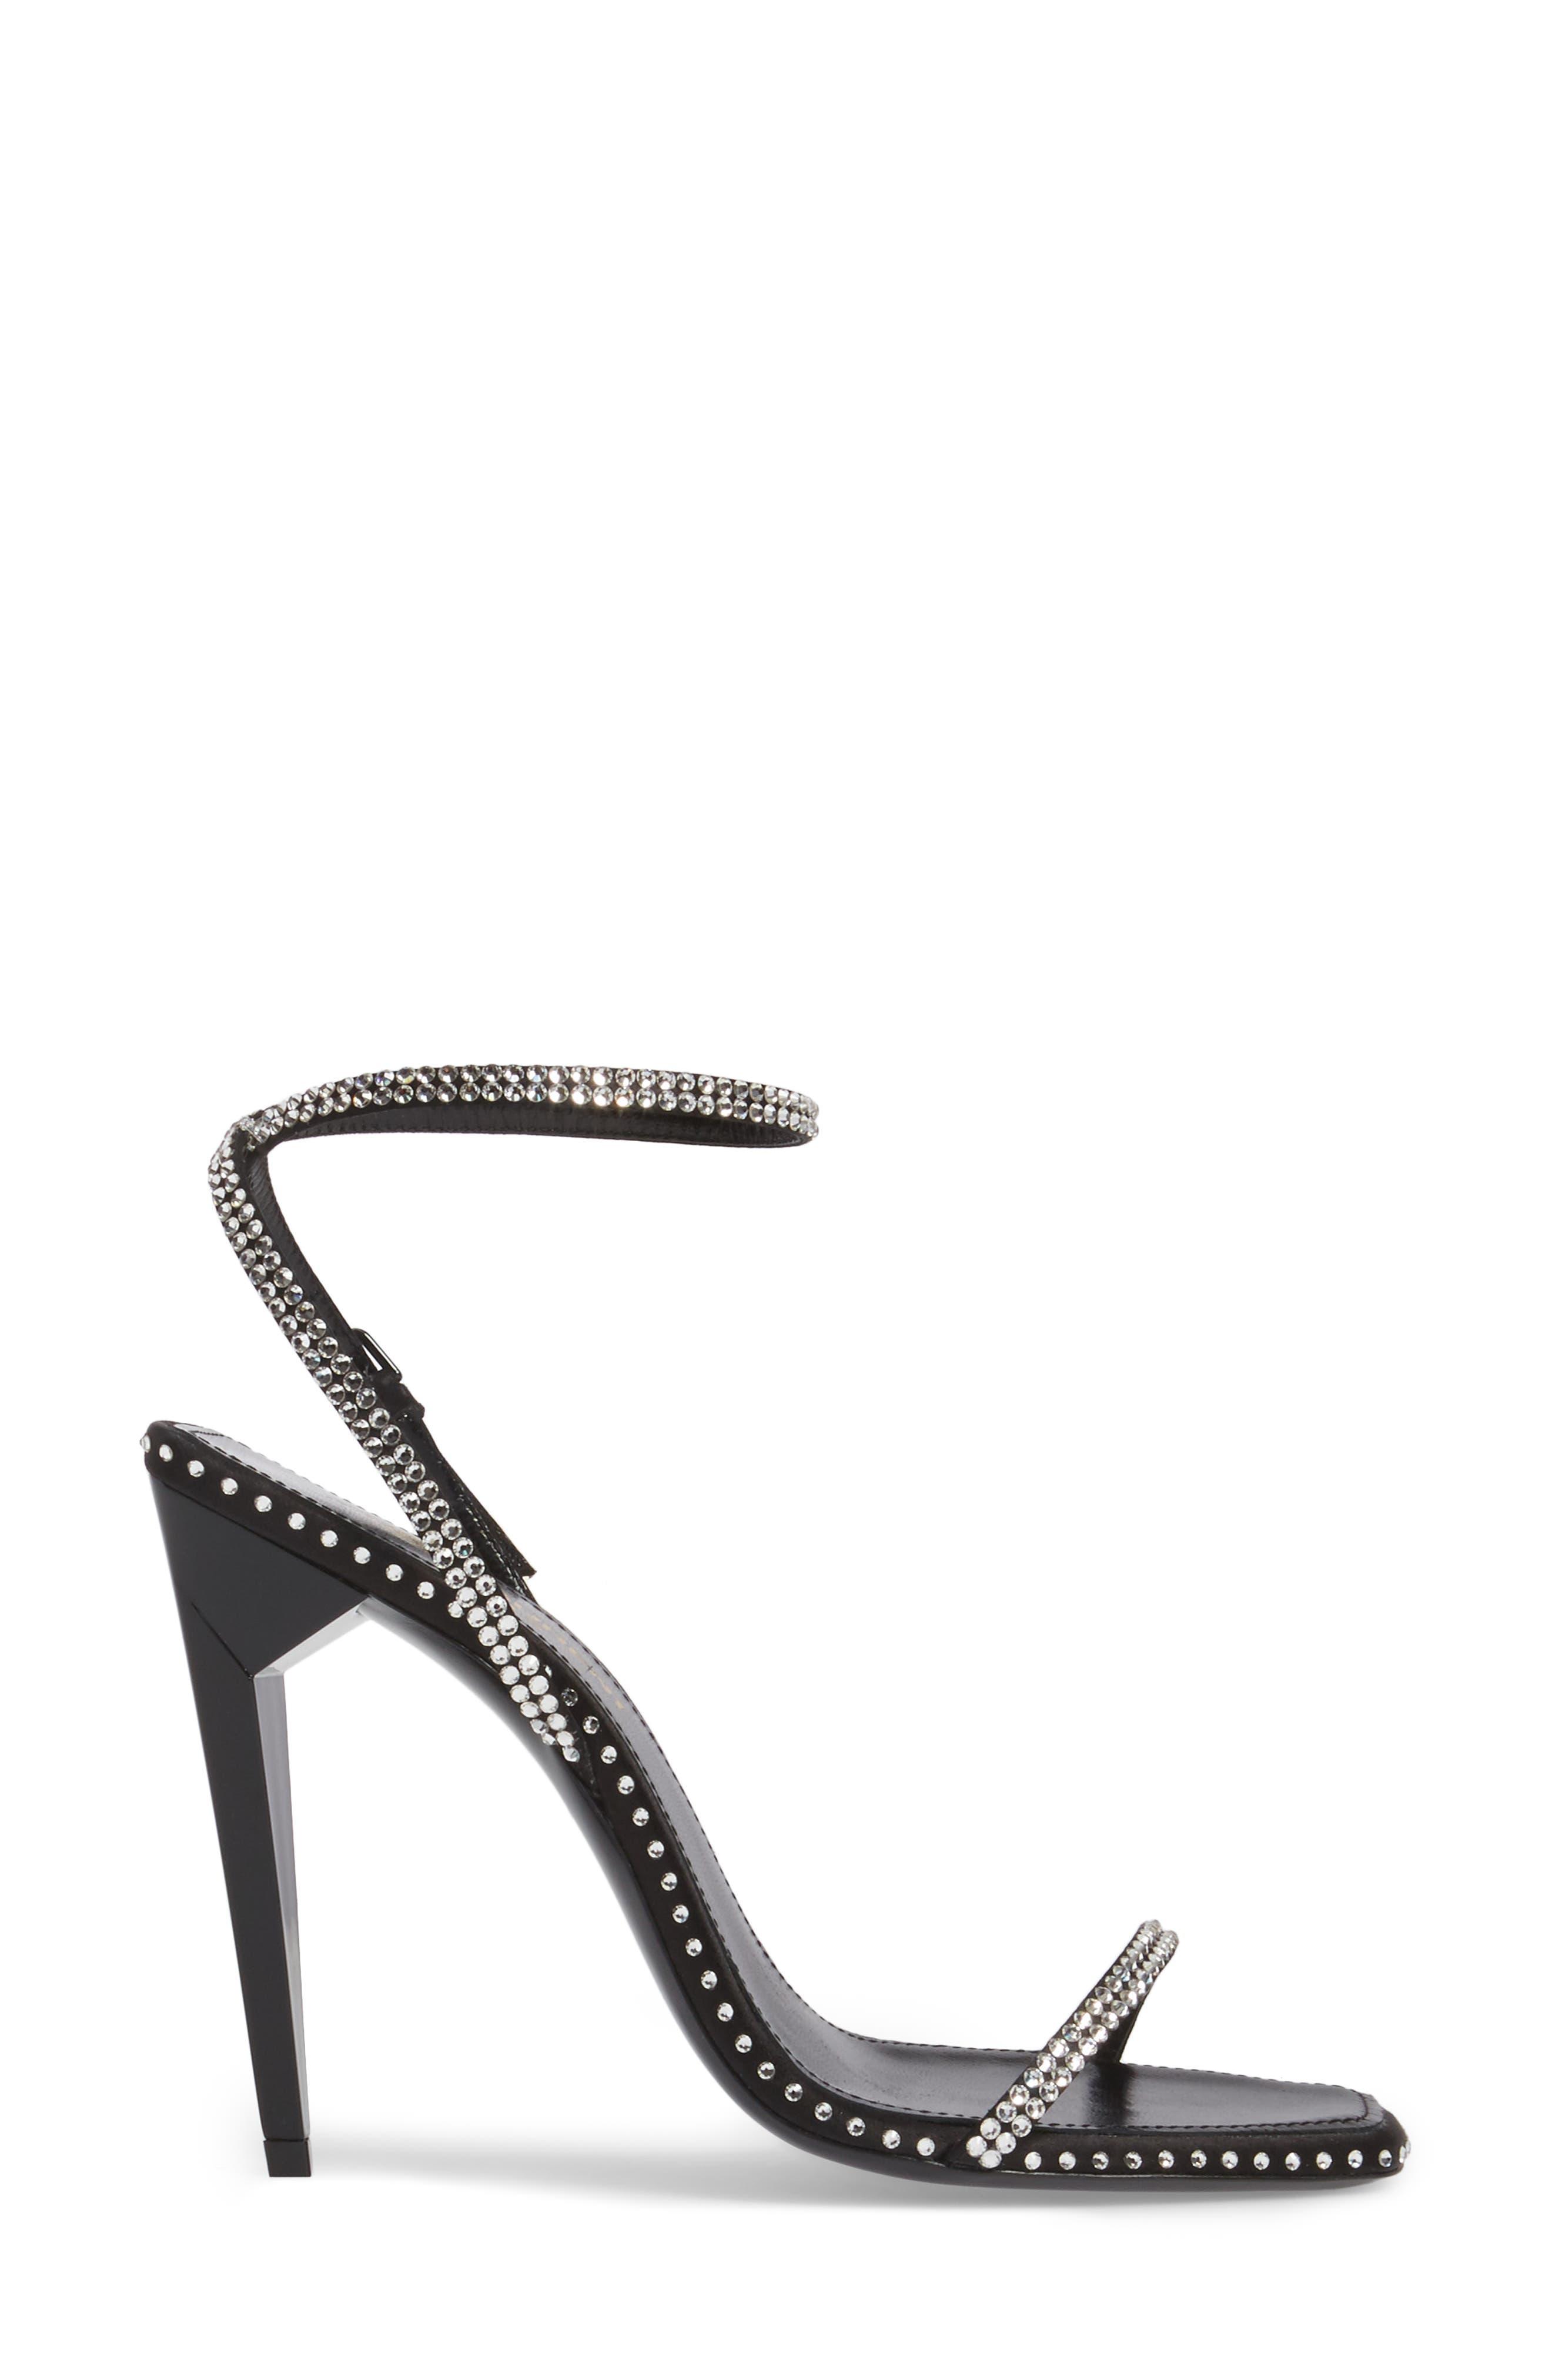 Freja Crystal Embellished Sandal,                             Alternate thumbnail 3, color,                             Black Crystal